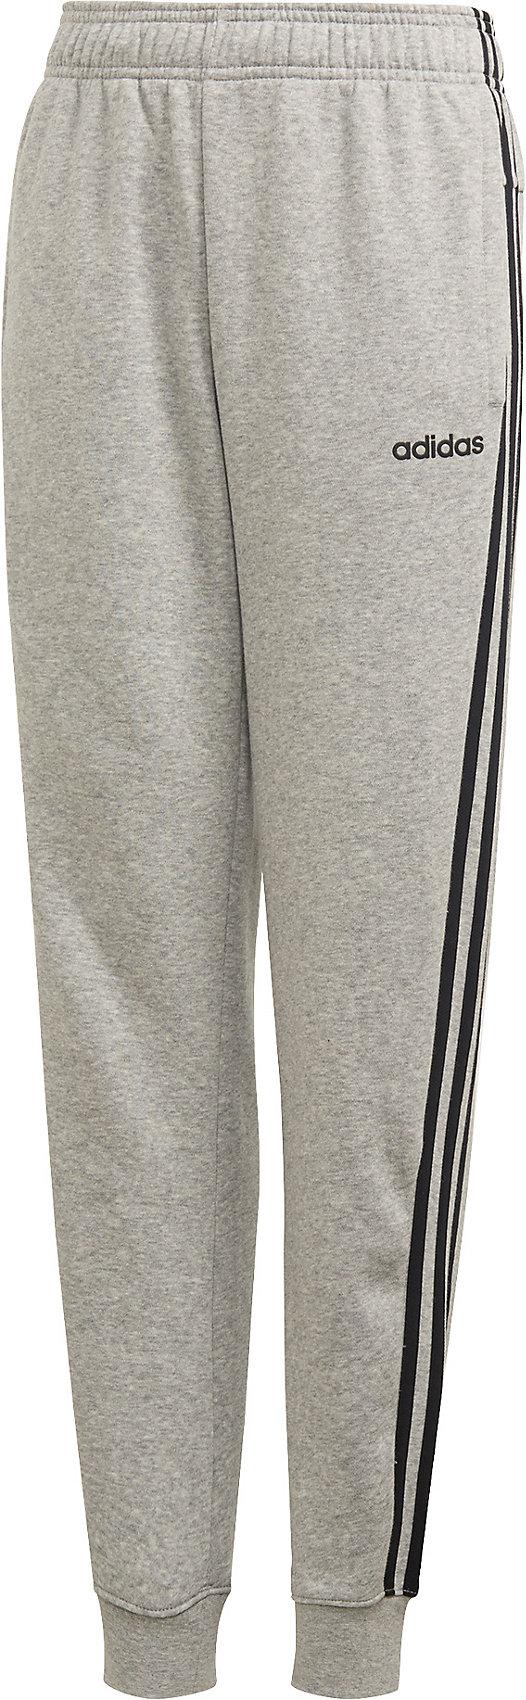 Details zu Neu adidas Performance Jogginghose YB E 3S PT für Jungen 11158481 für Jungen